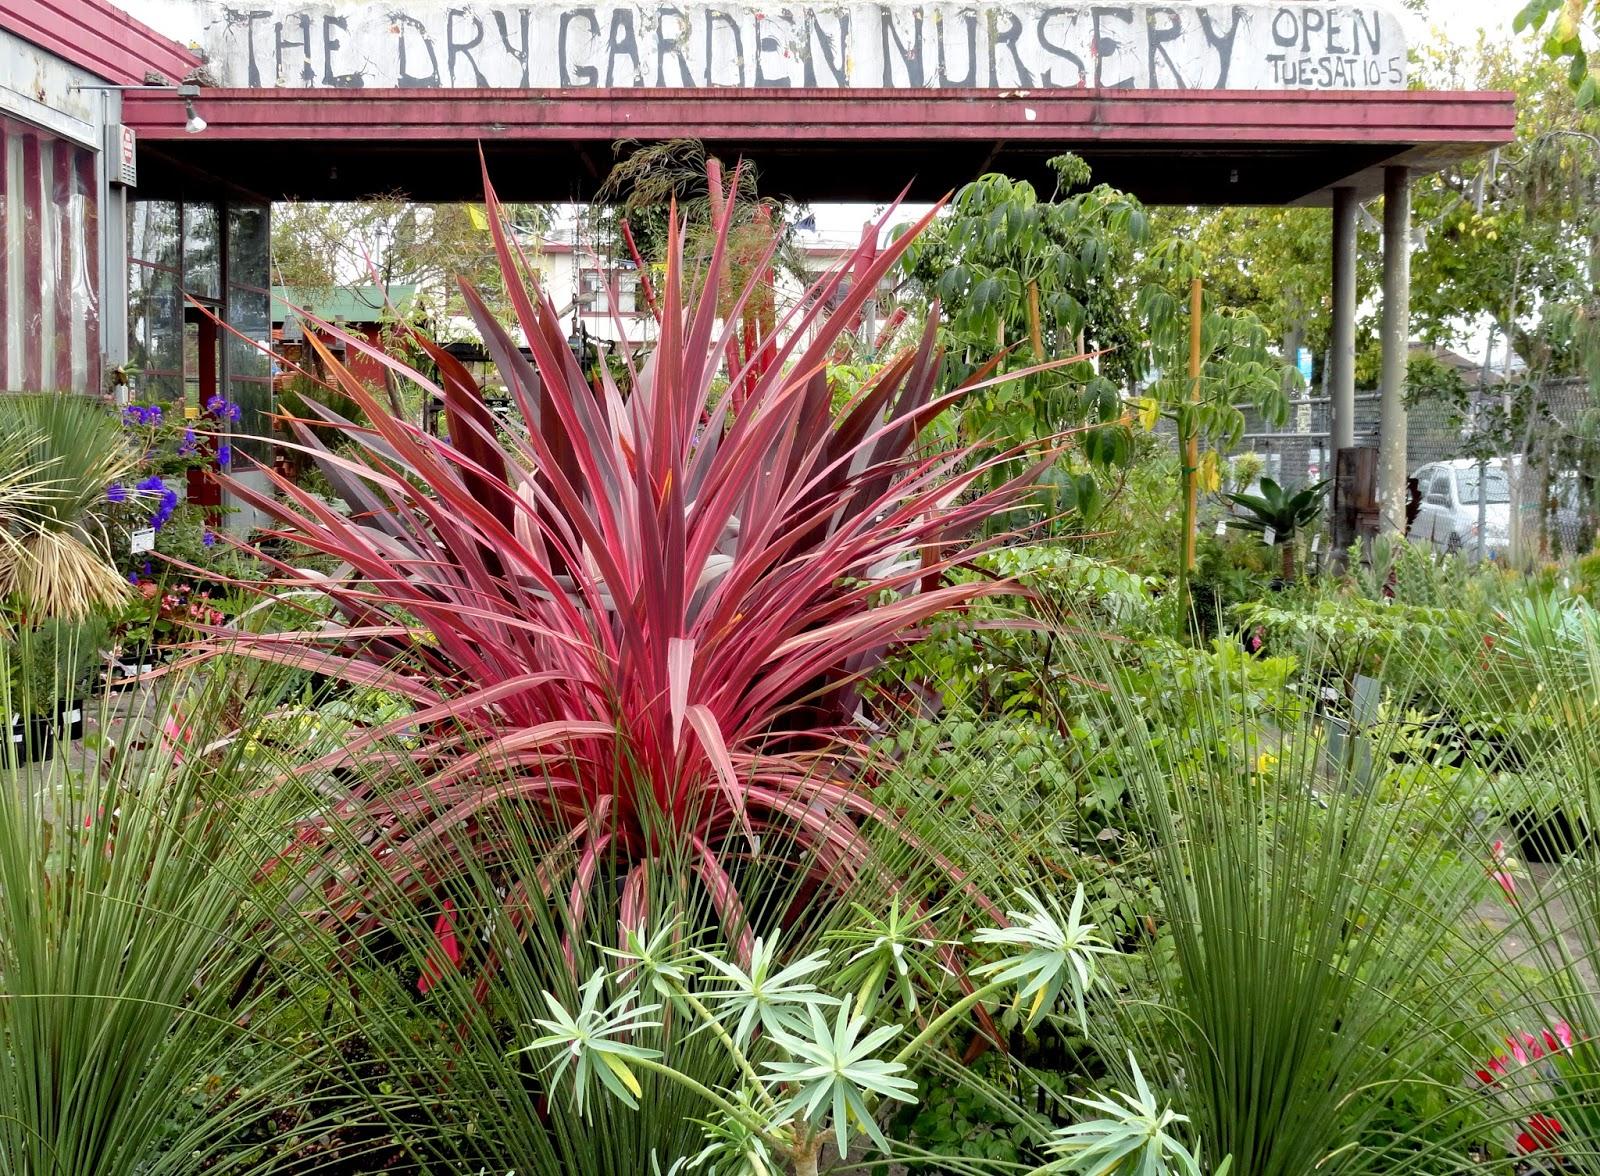 Danger Garden The Dry Garden Who Needs Polish When You